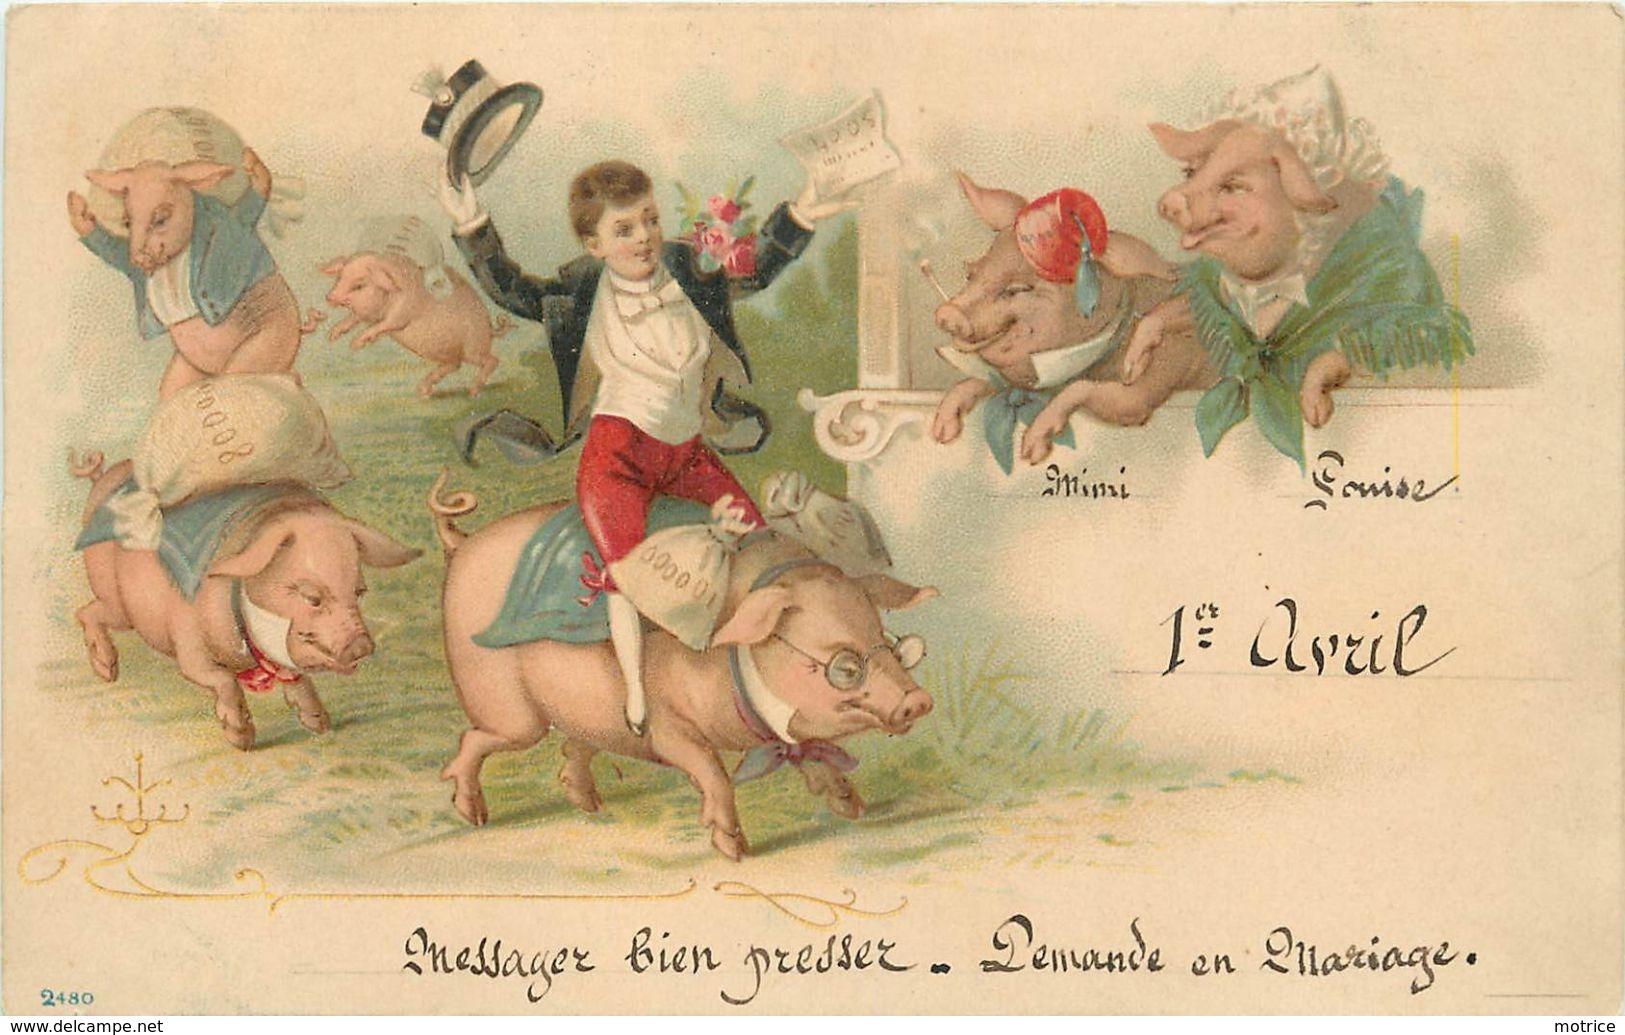 COCHONS HABILLES - 1er Avril,carte 1900. - Cochons